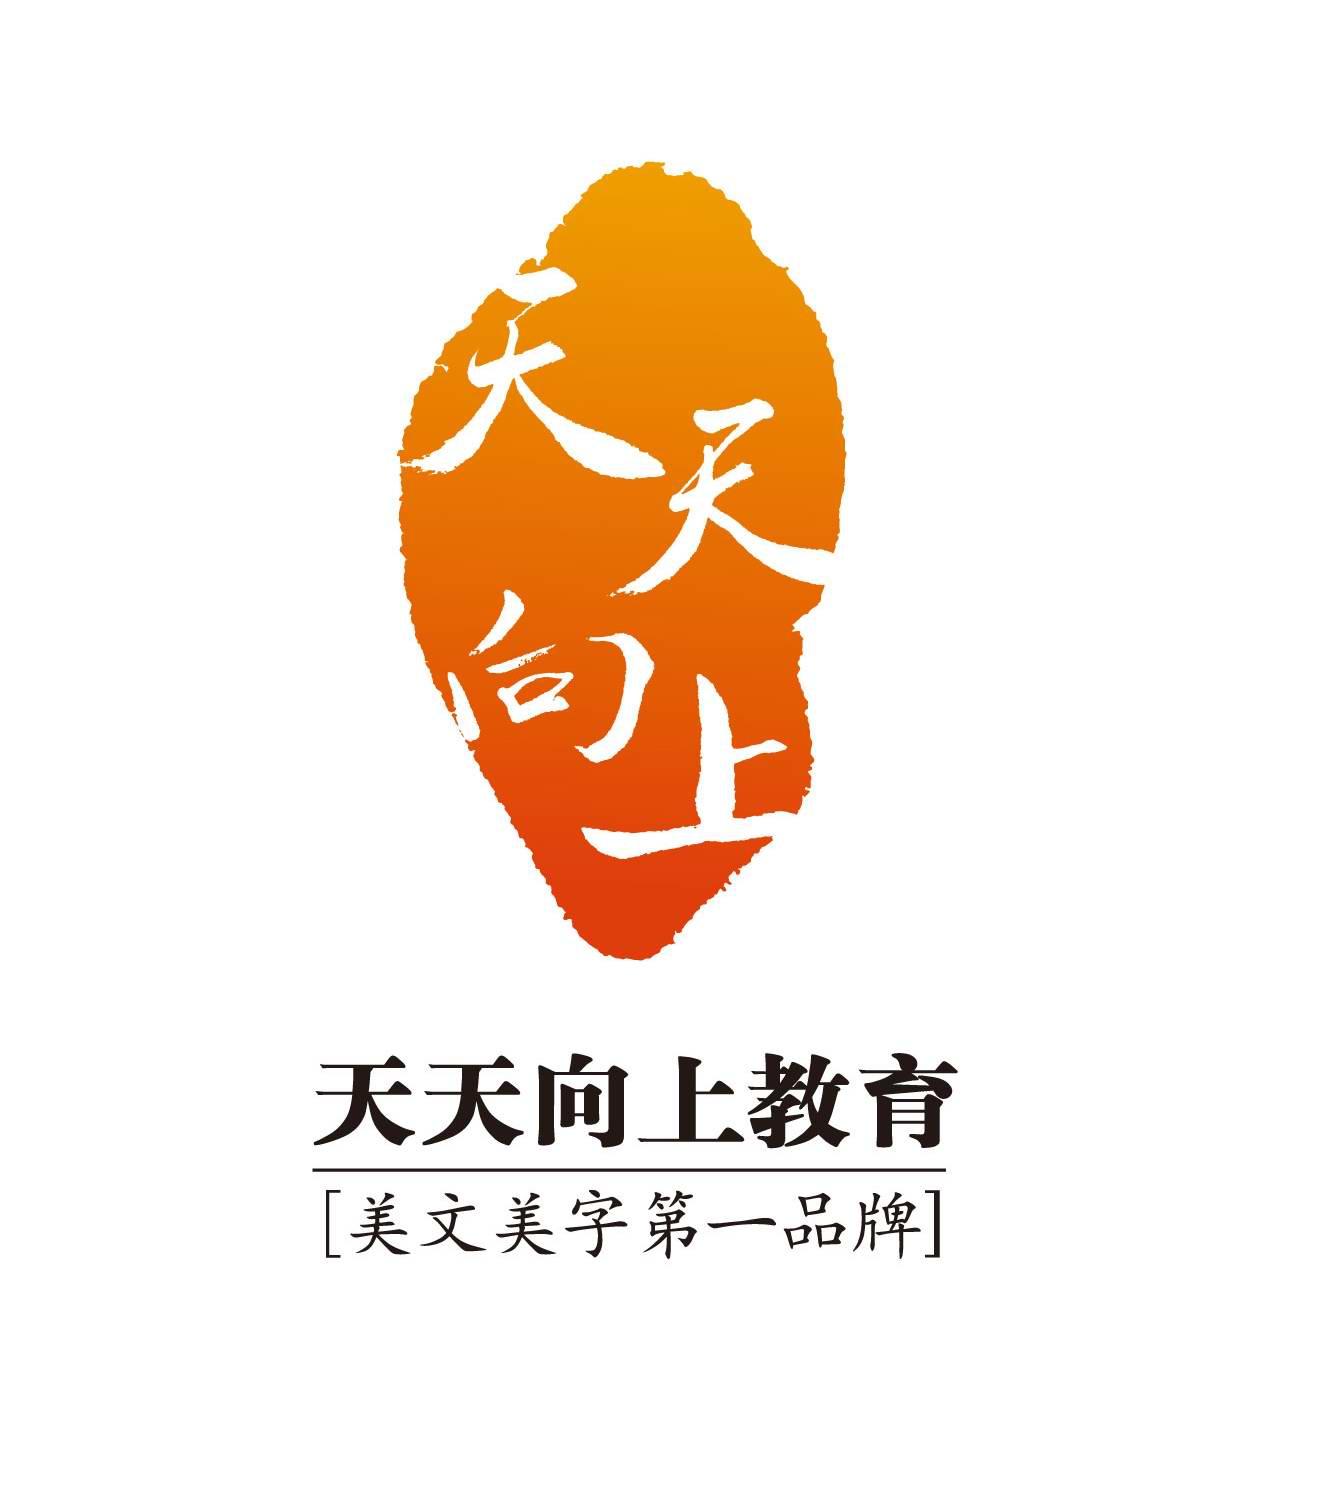 天天向上logo_天天向上logo